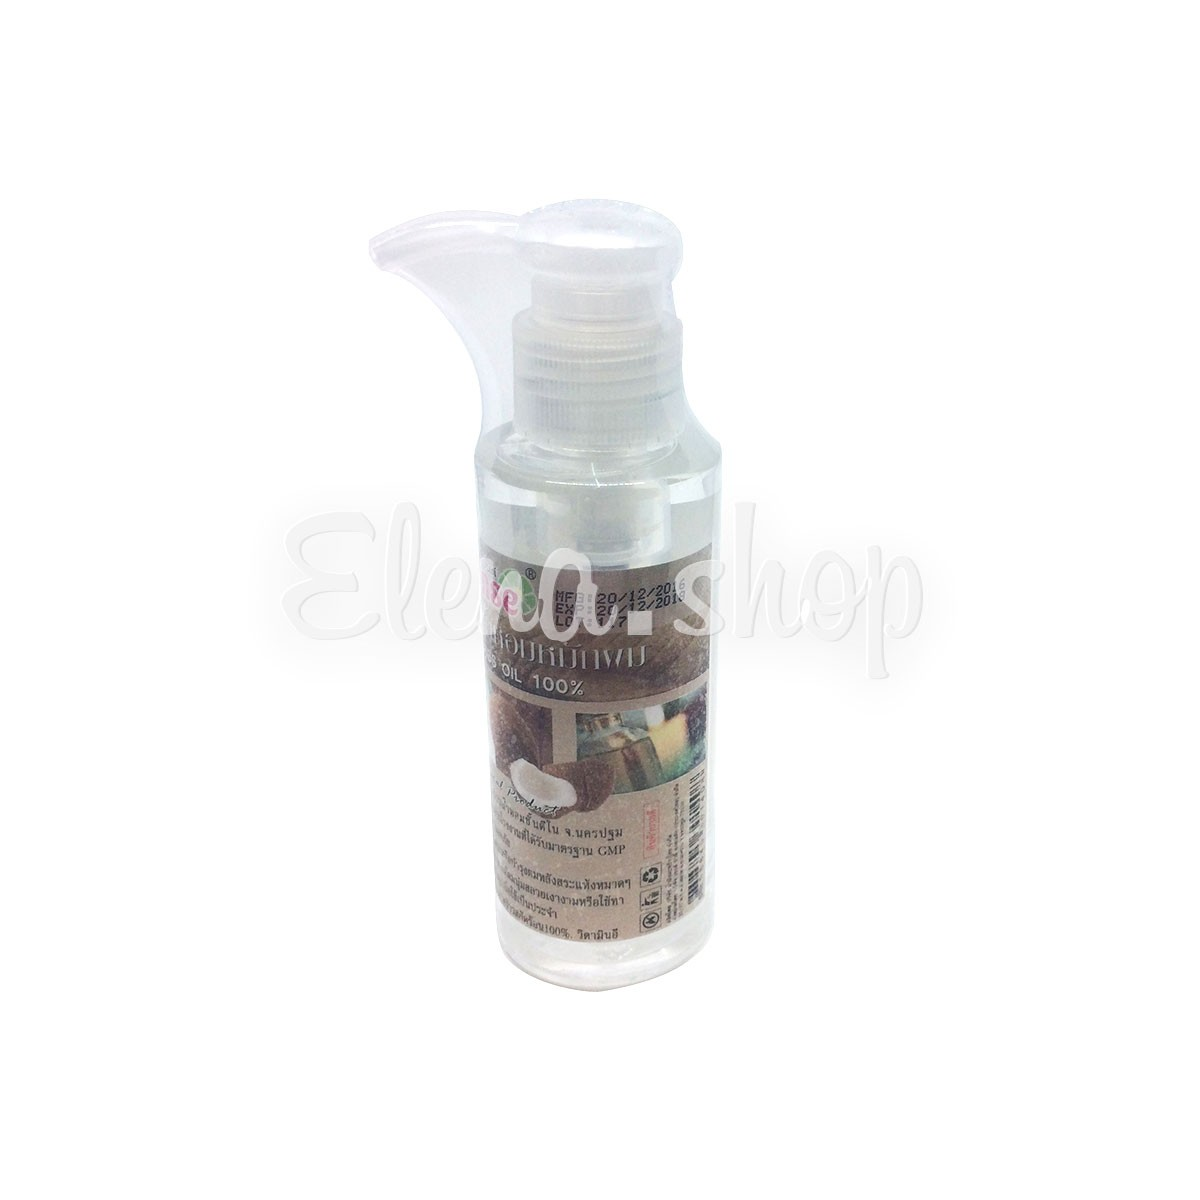 Натуральное кокосовое масло холодного отжима Sense с дозатором